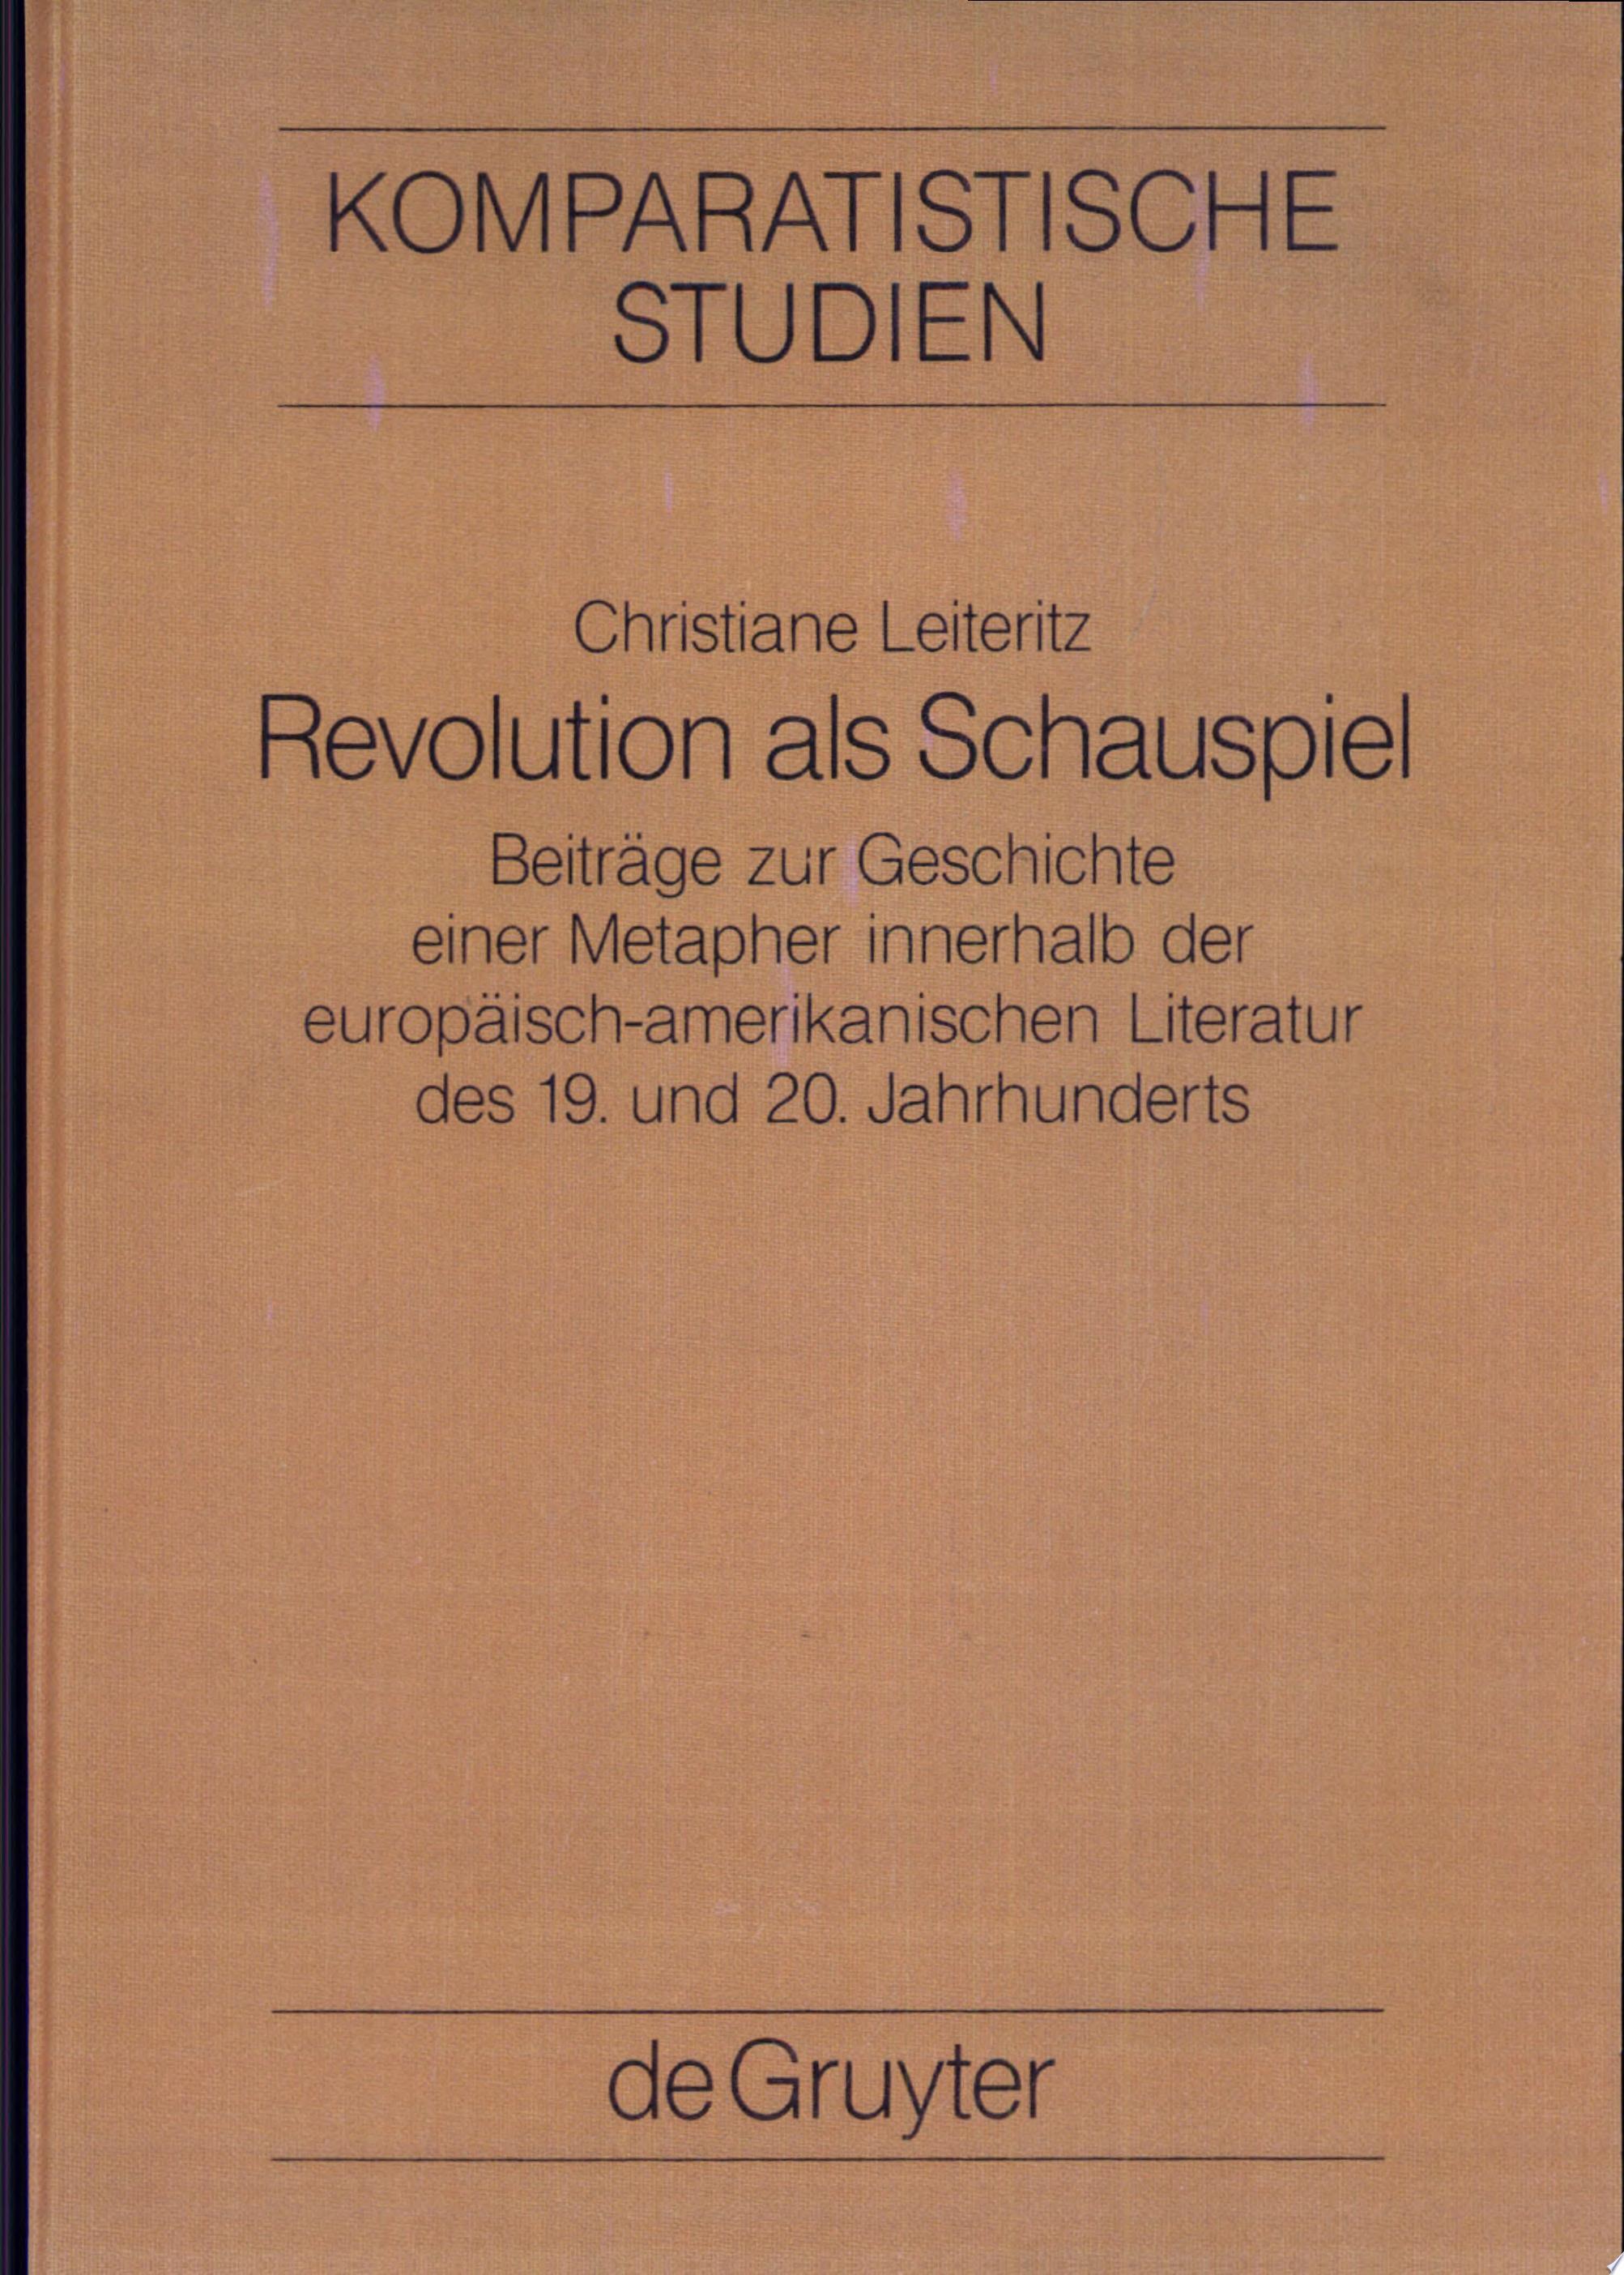 Revolution als Schauspiel